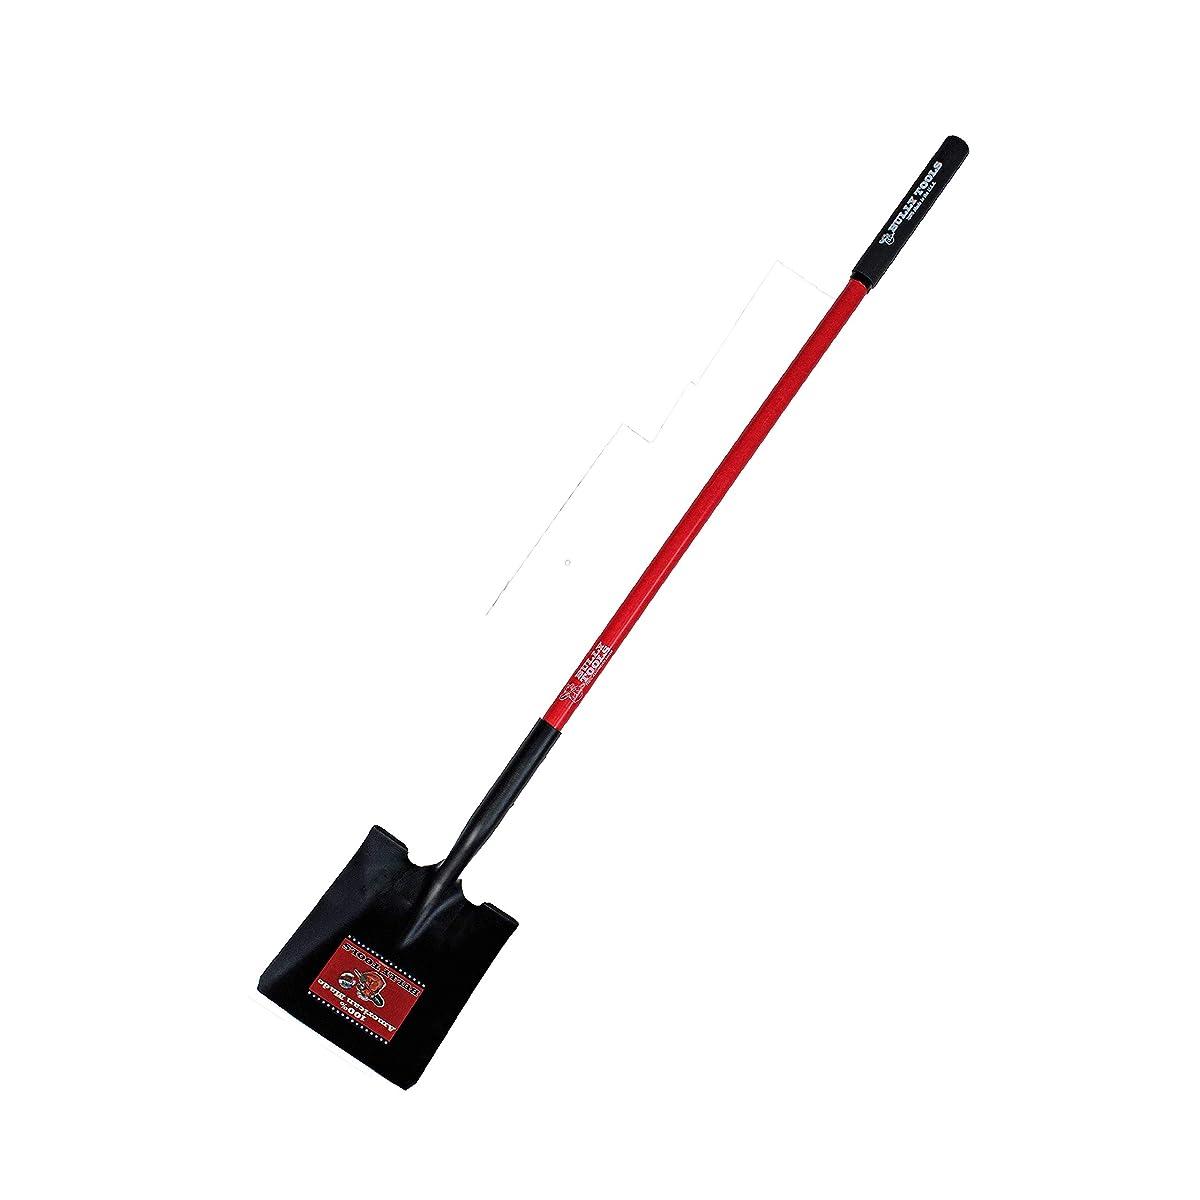 Bully Tools 82525 14 Ga. Square Point Shovel. Fiberglass Long Handle.